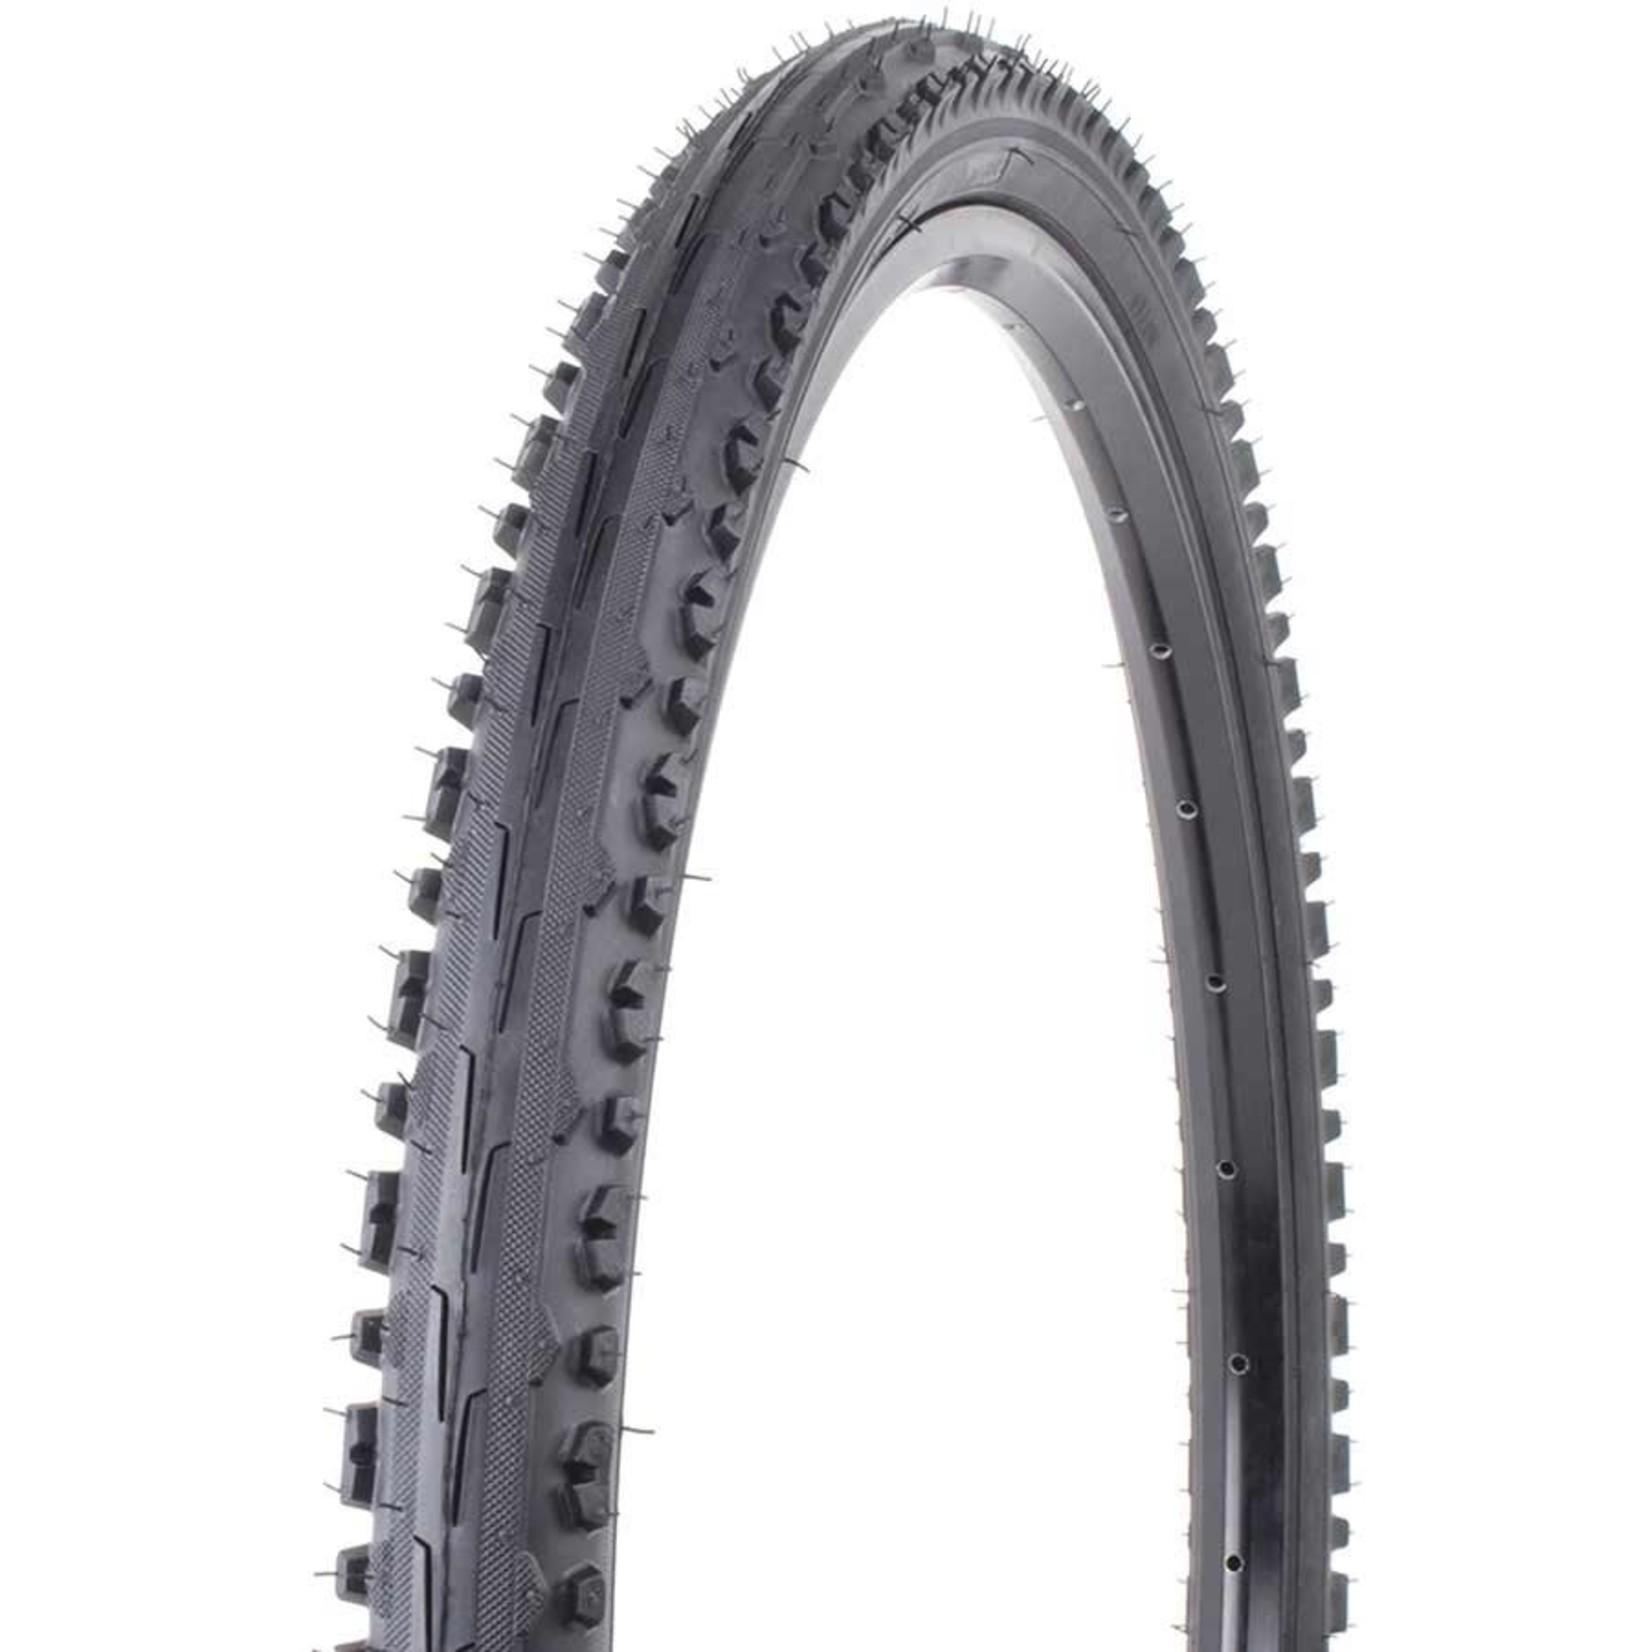 Kenda Kross Plus 26x1.75 Wire Bead Tire